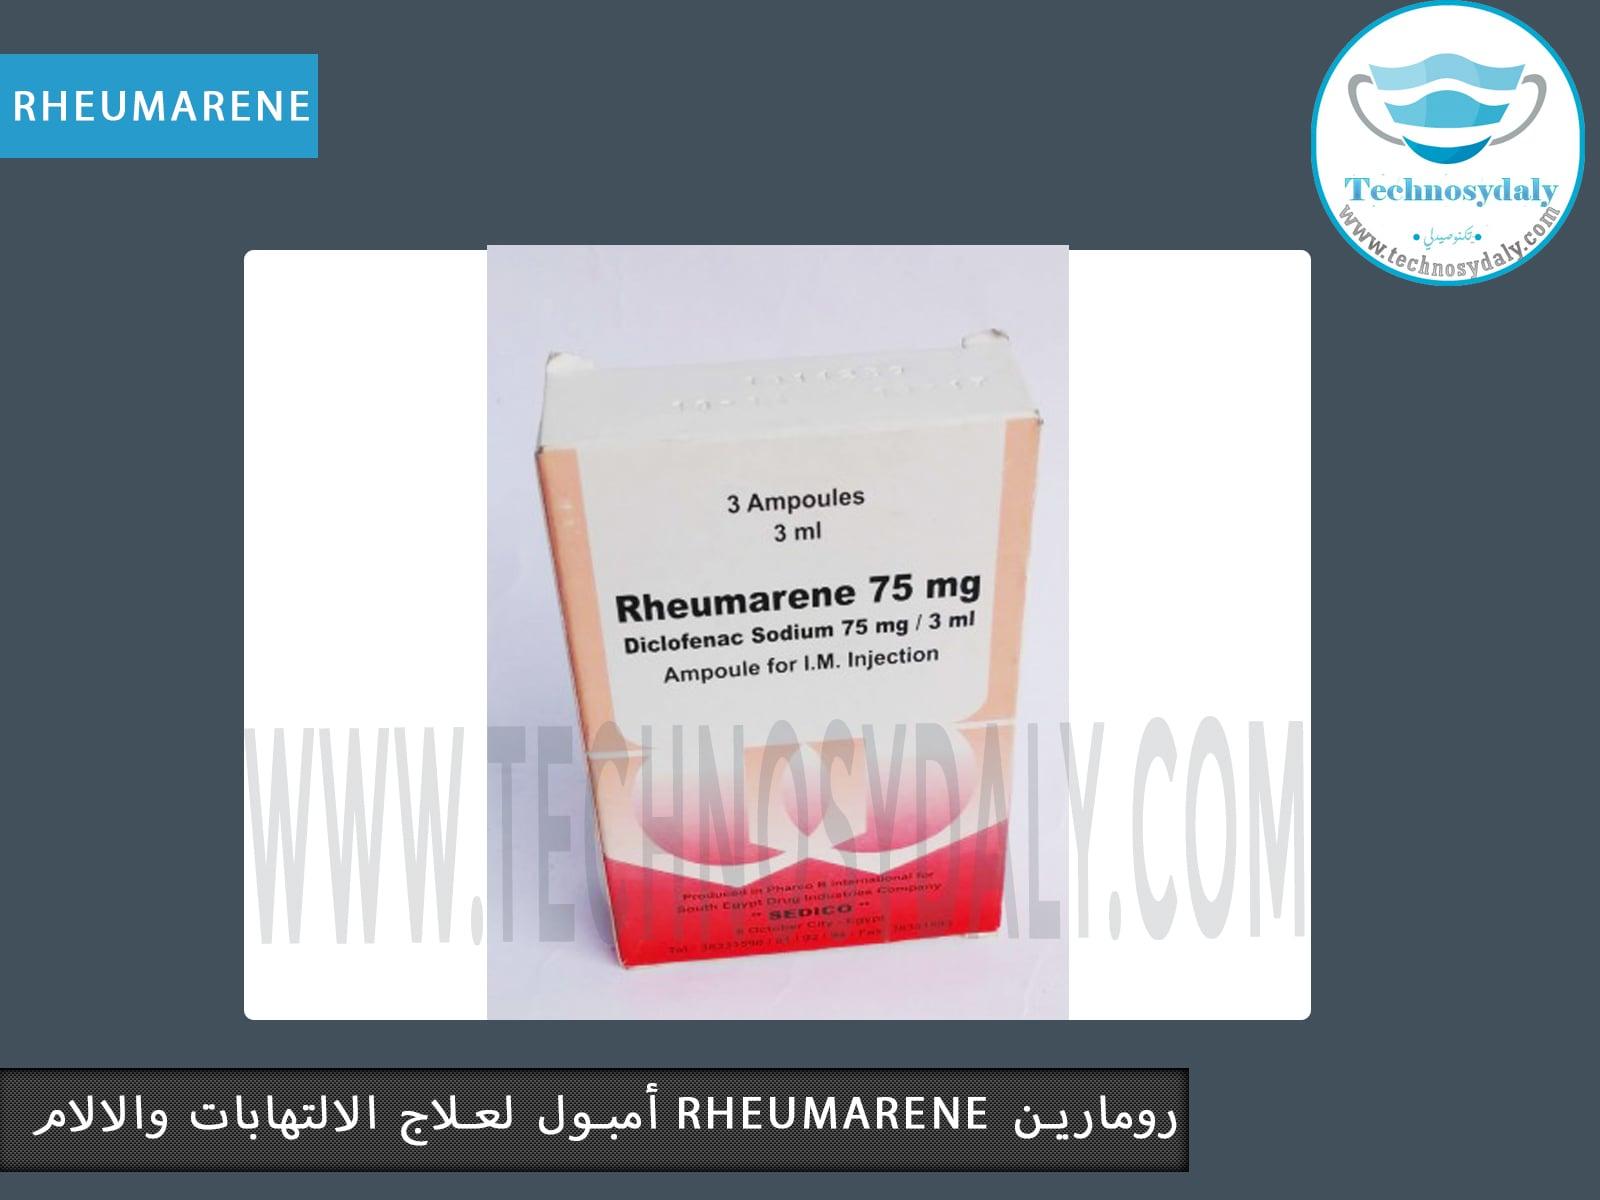 رومارين rheumarene أمبول